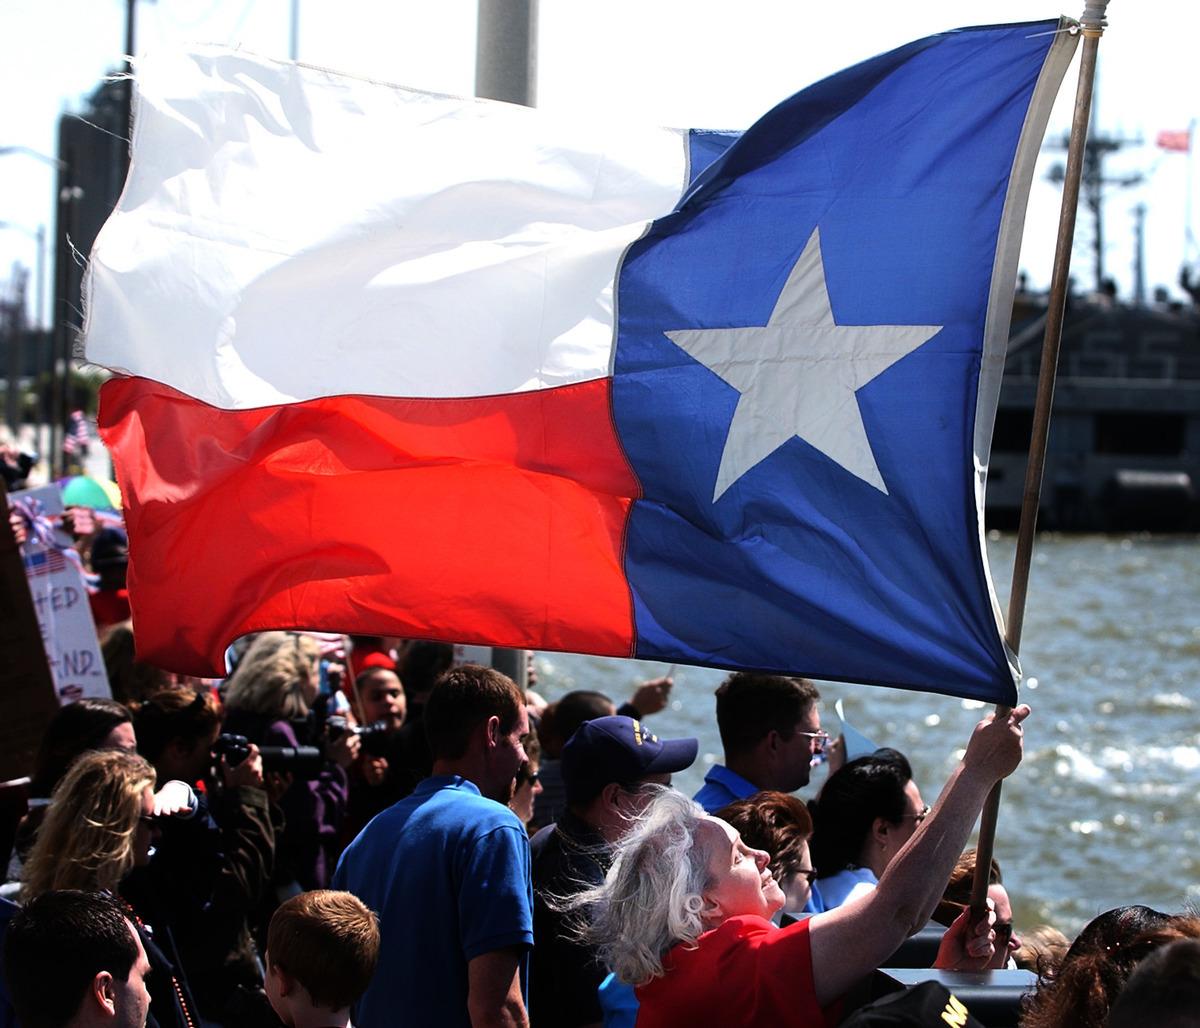 德州眾議員比德曼(Kyle Biedermann)提出議案,要求德州人民對是否獨立進行公投。圖為一次活動上德州人民高舉德州孤星之州旗幟。(Mike Heffner/Getty Image)